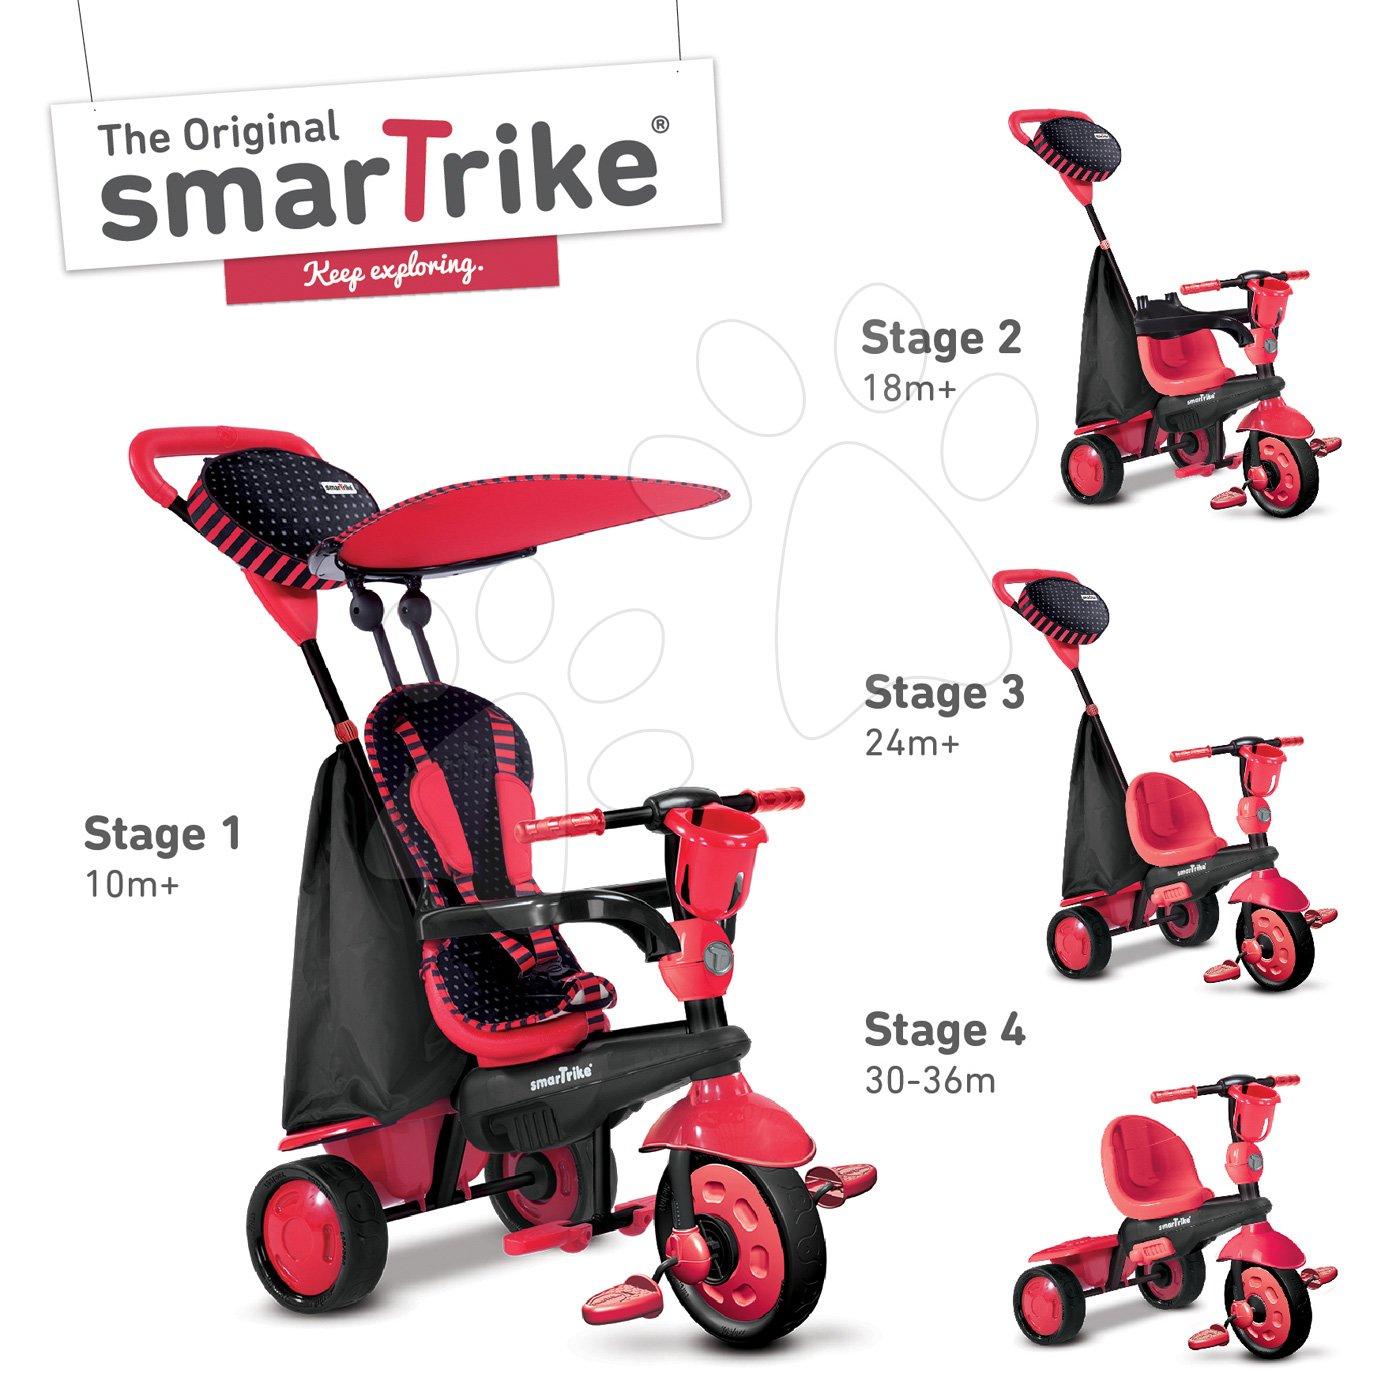 Trojkolky od 10 mesiacov - Trojkolka Spark Touch Steering 4v1 Black&Red smarTrike červeno-čierna od 10 mes